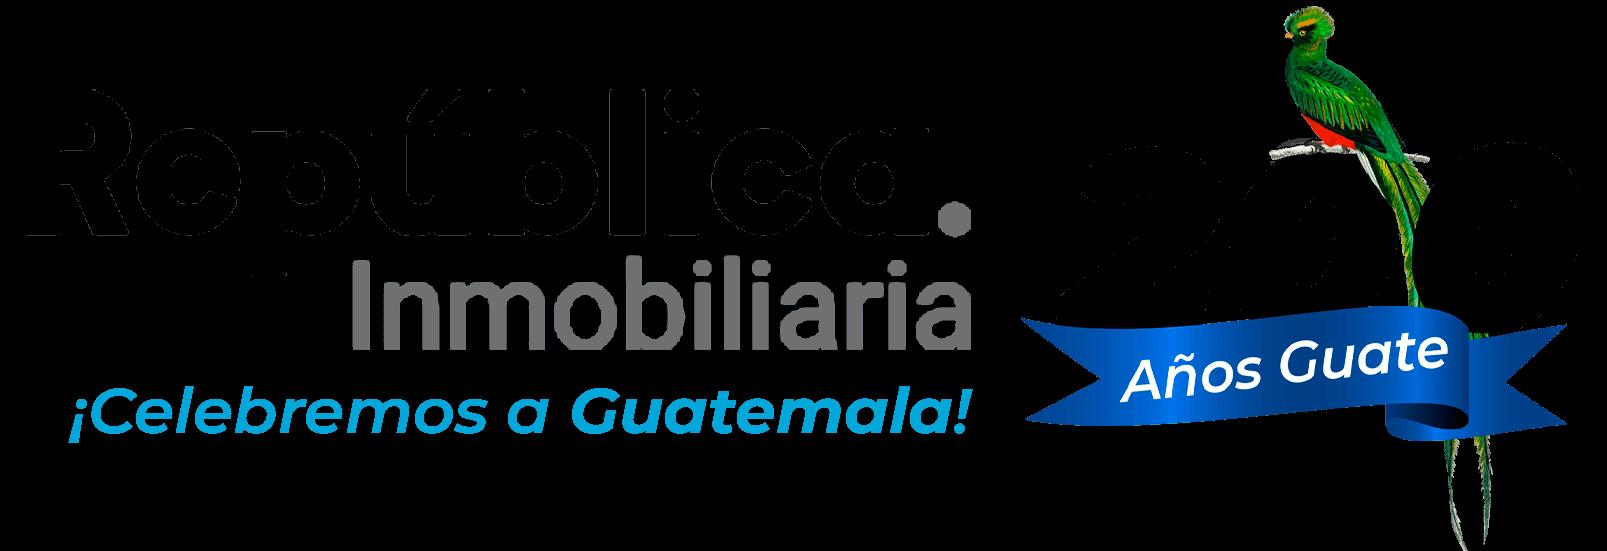 inmobiliaria logo